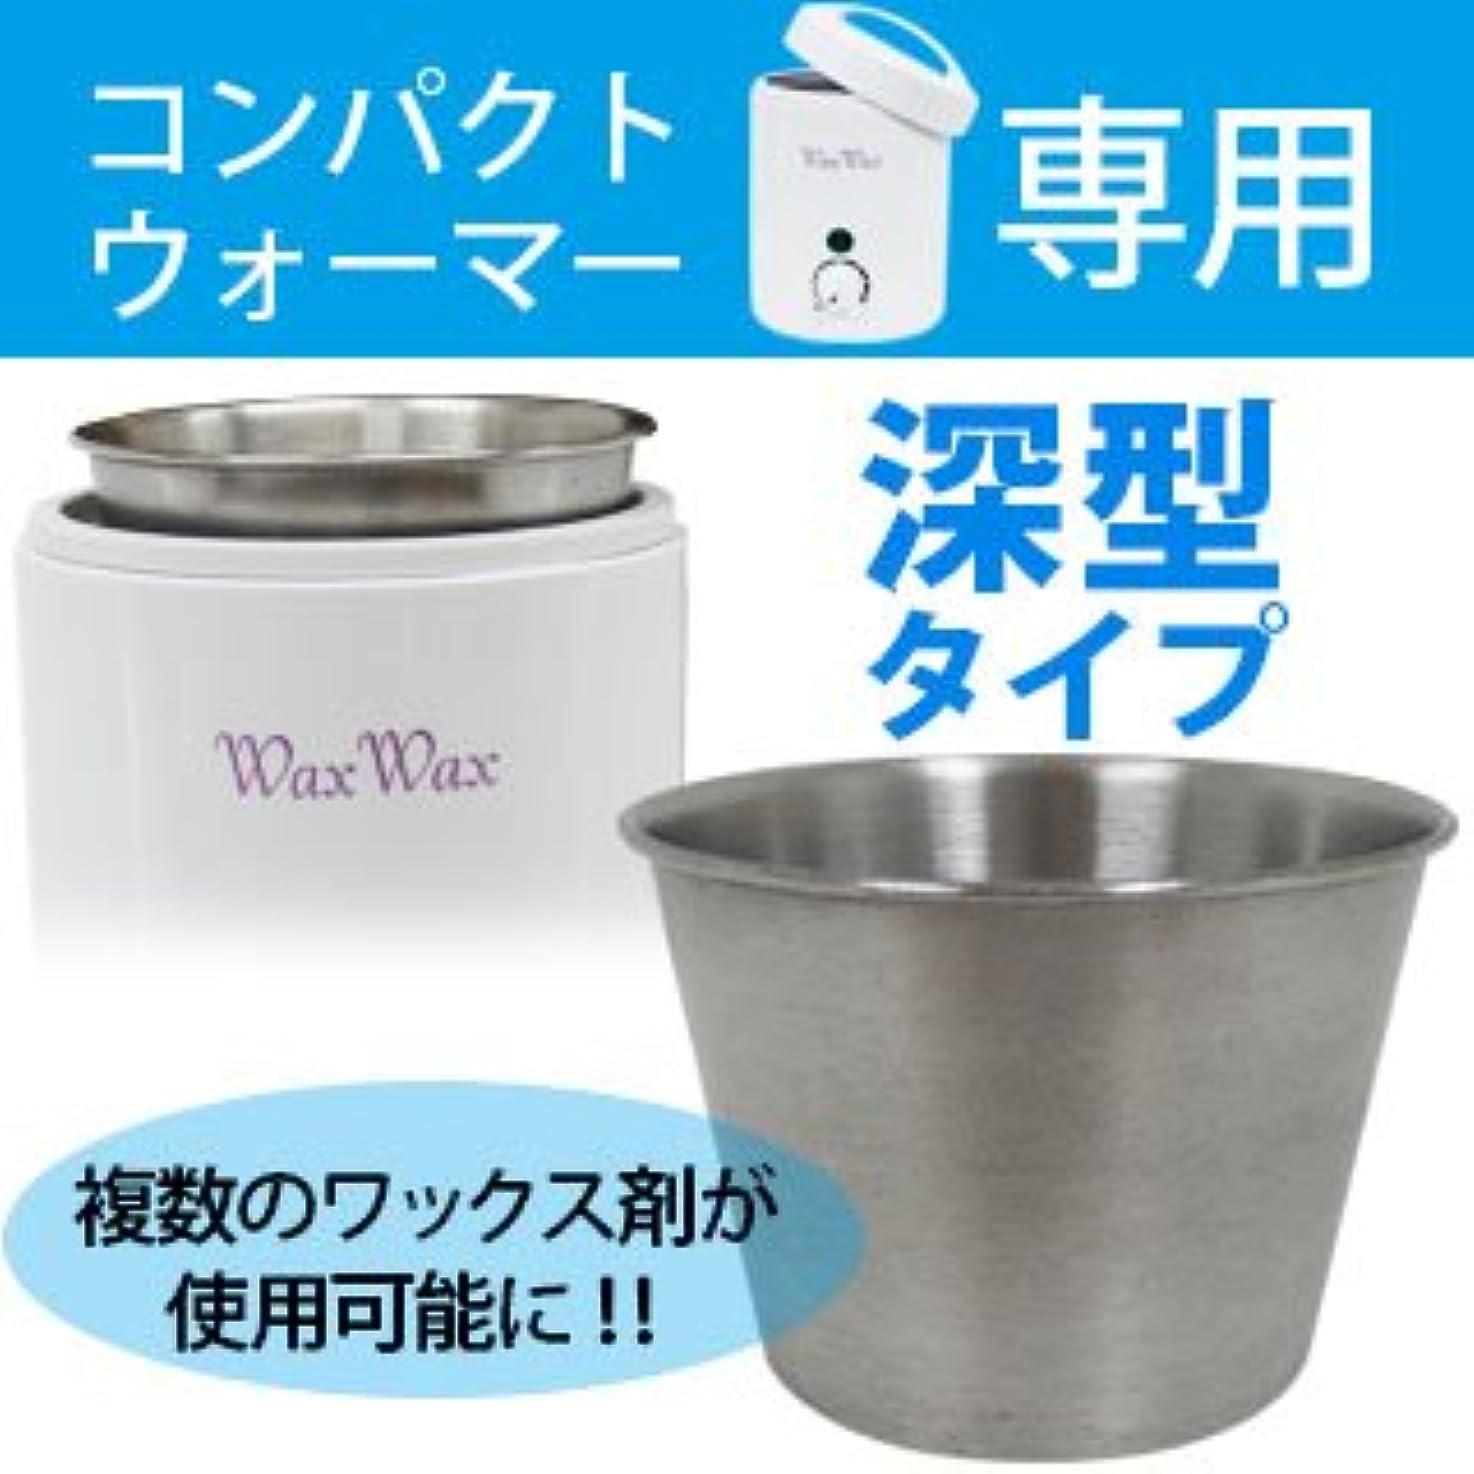 緩やかな原点汗【深型】コンパクトウォーマー専用 ハードワックス缶 空き缶 ナベ 鍋 ハード専用